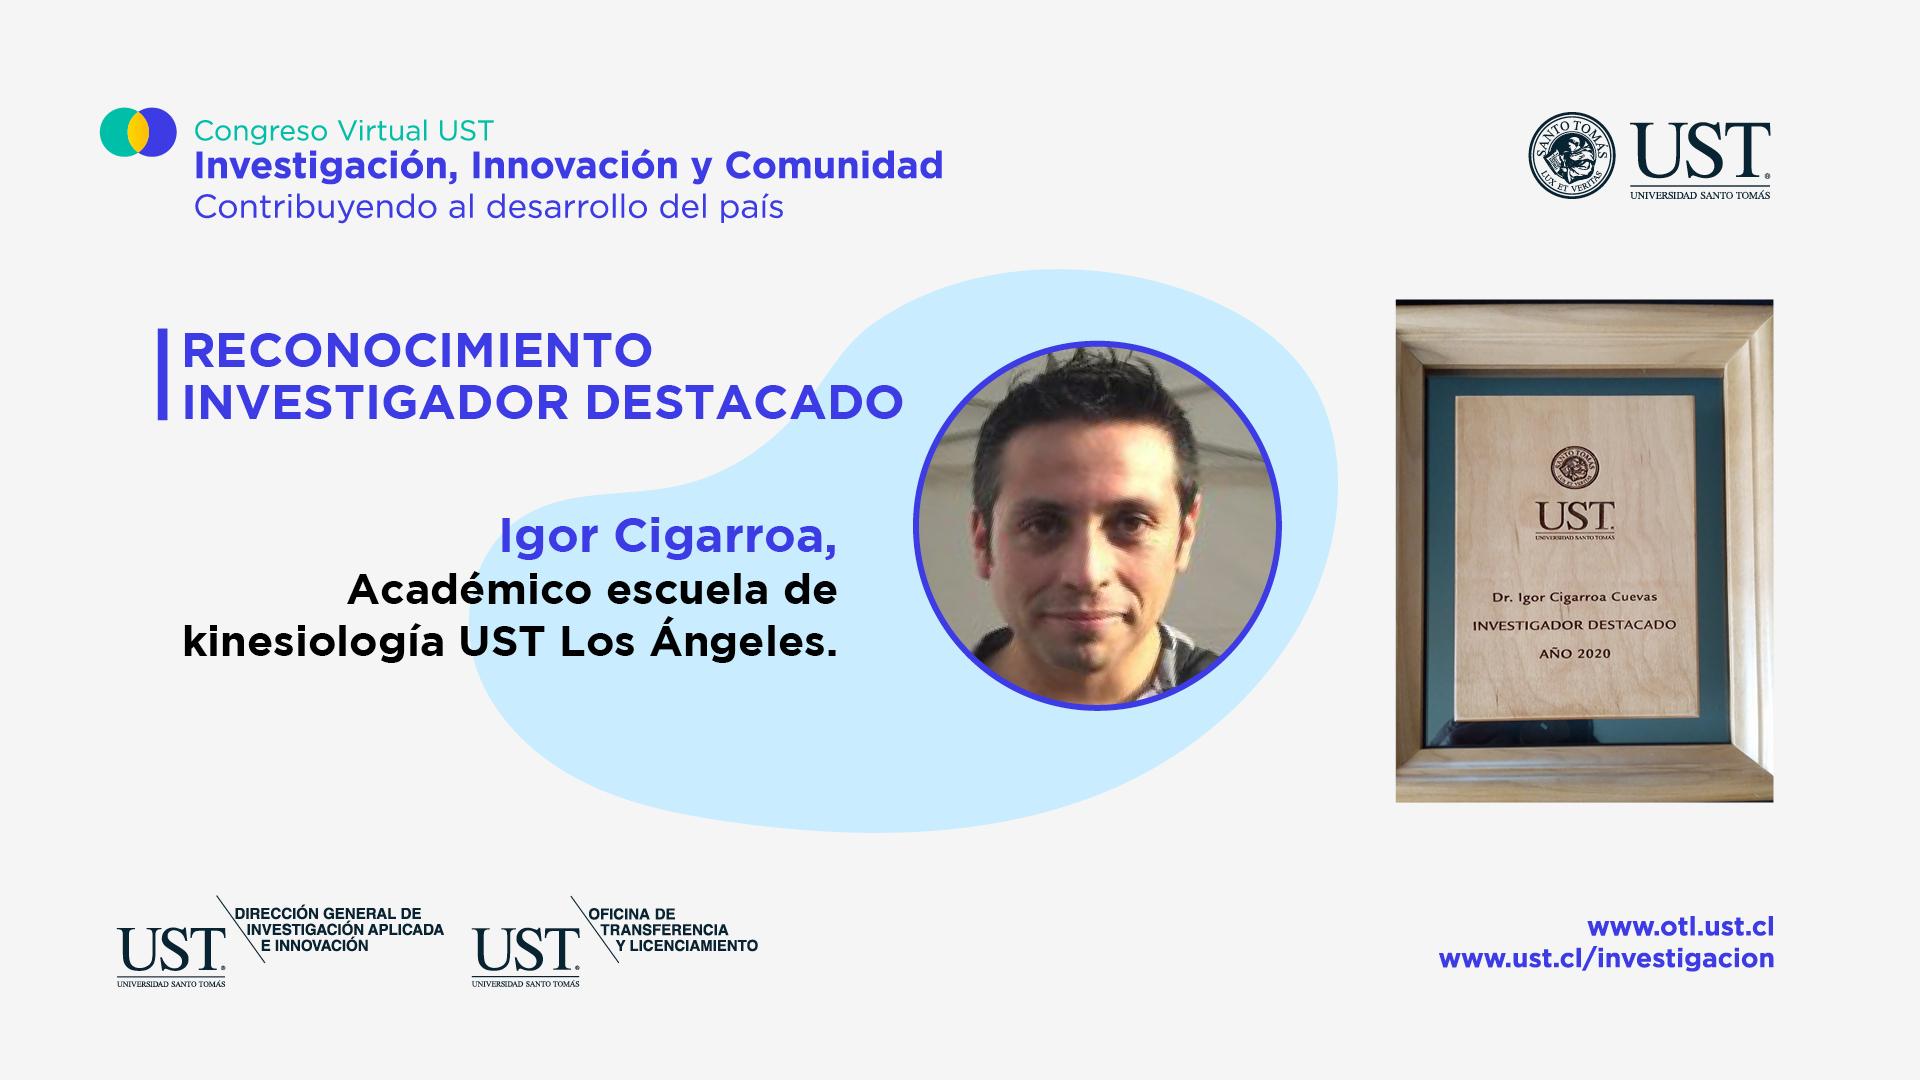 Docente Kinesiología UST Los Ángeles Recibe Premio a Investigador Destacado